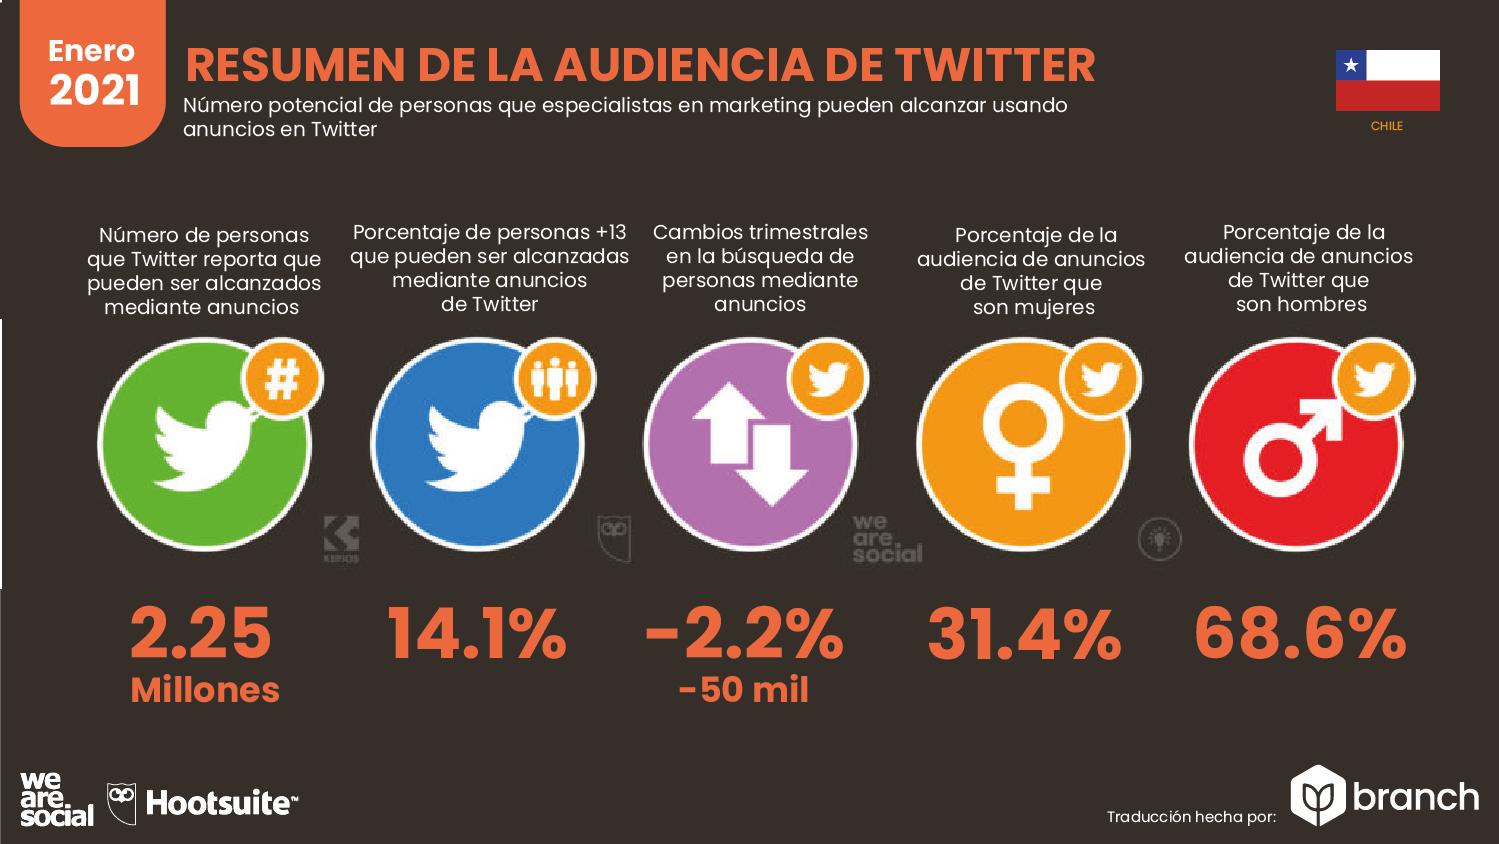 audiencia-de-twitter-en-chile-2020-2021